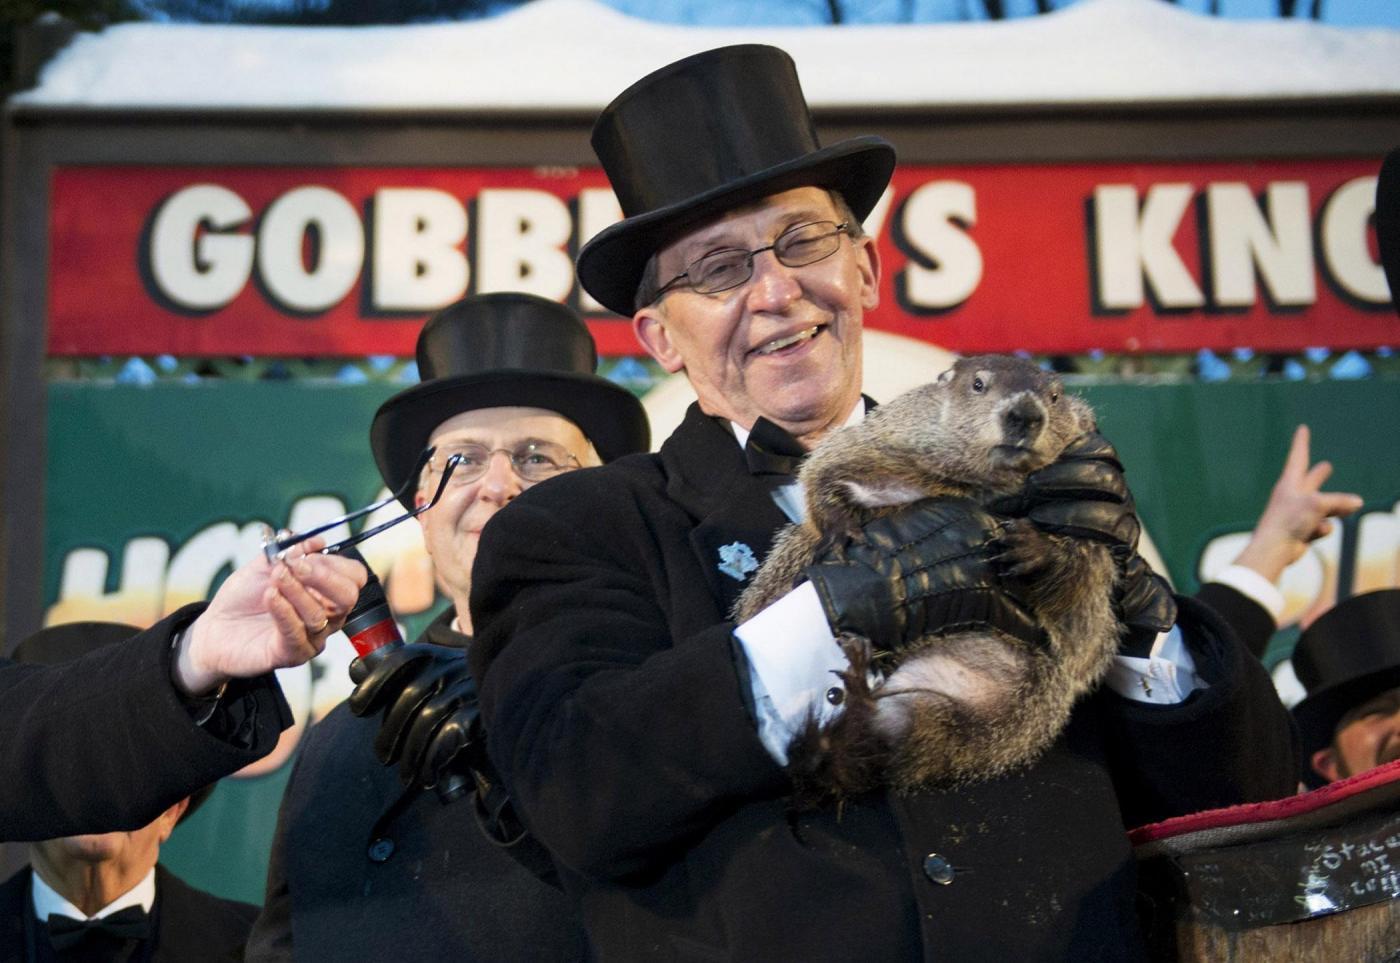 Per-la-marmotta-Phil-l-inverno-negli-Usa-sta-per-finire